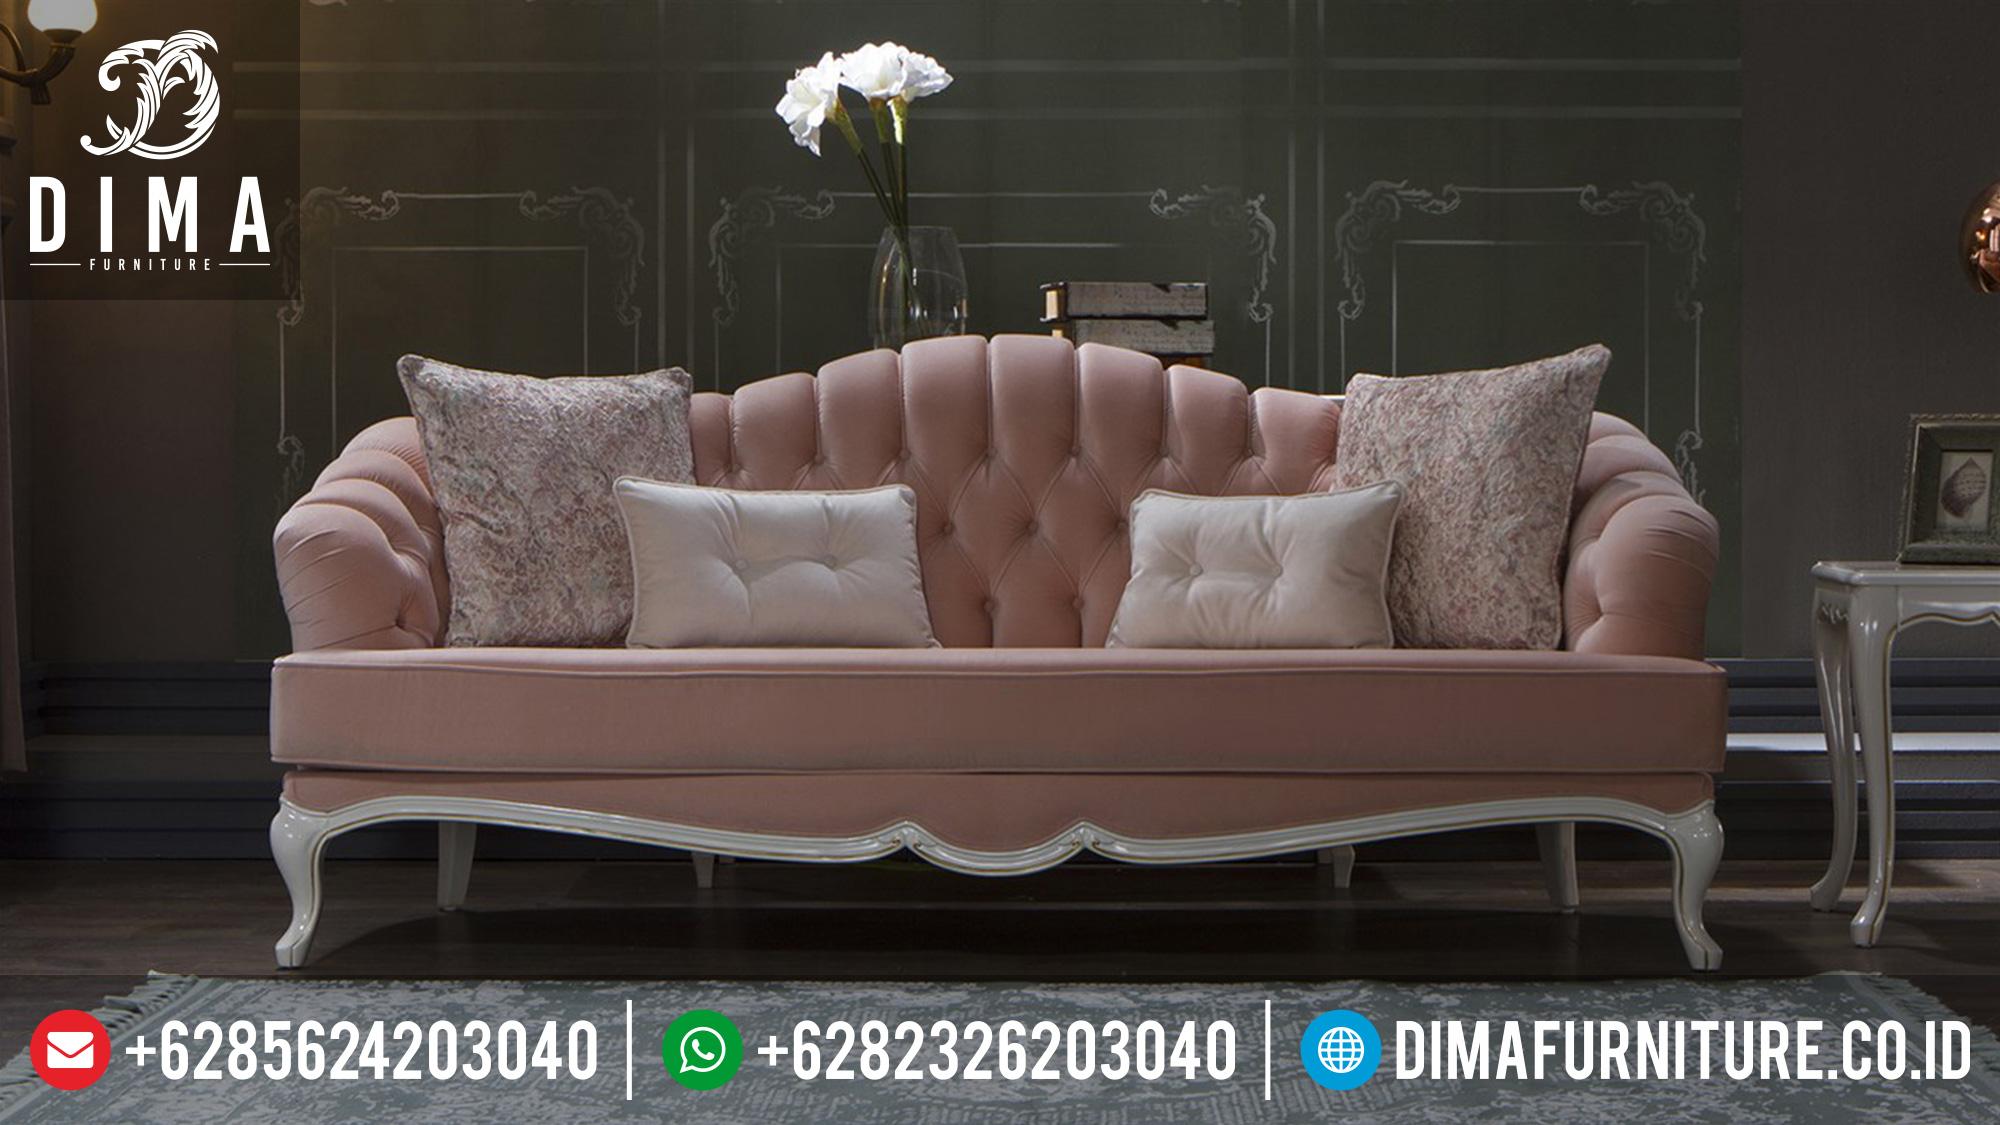 Sofa Tamu Jepara Mewah Minimalis Revita ST-0387 Gambar 3